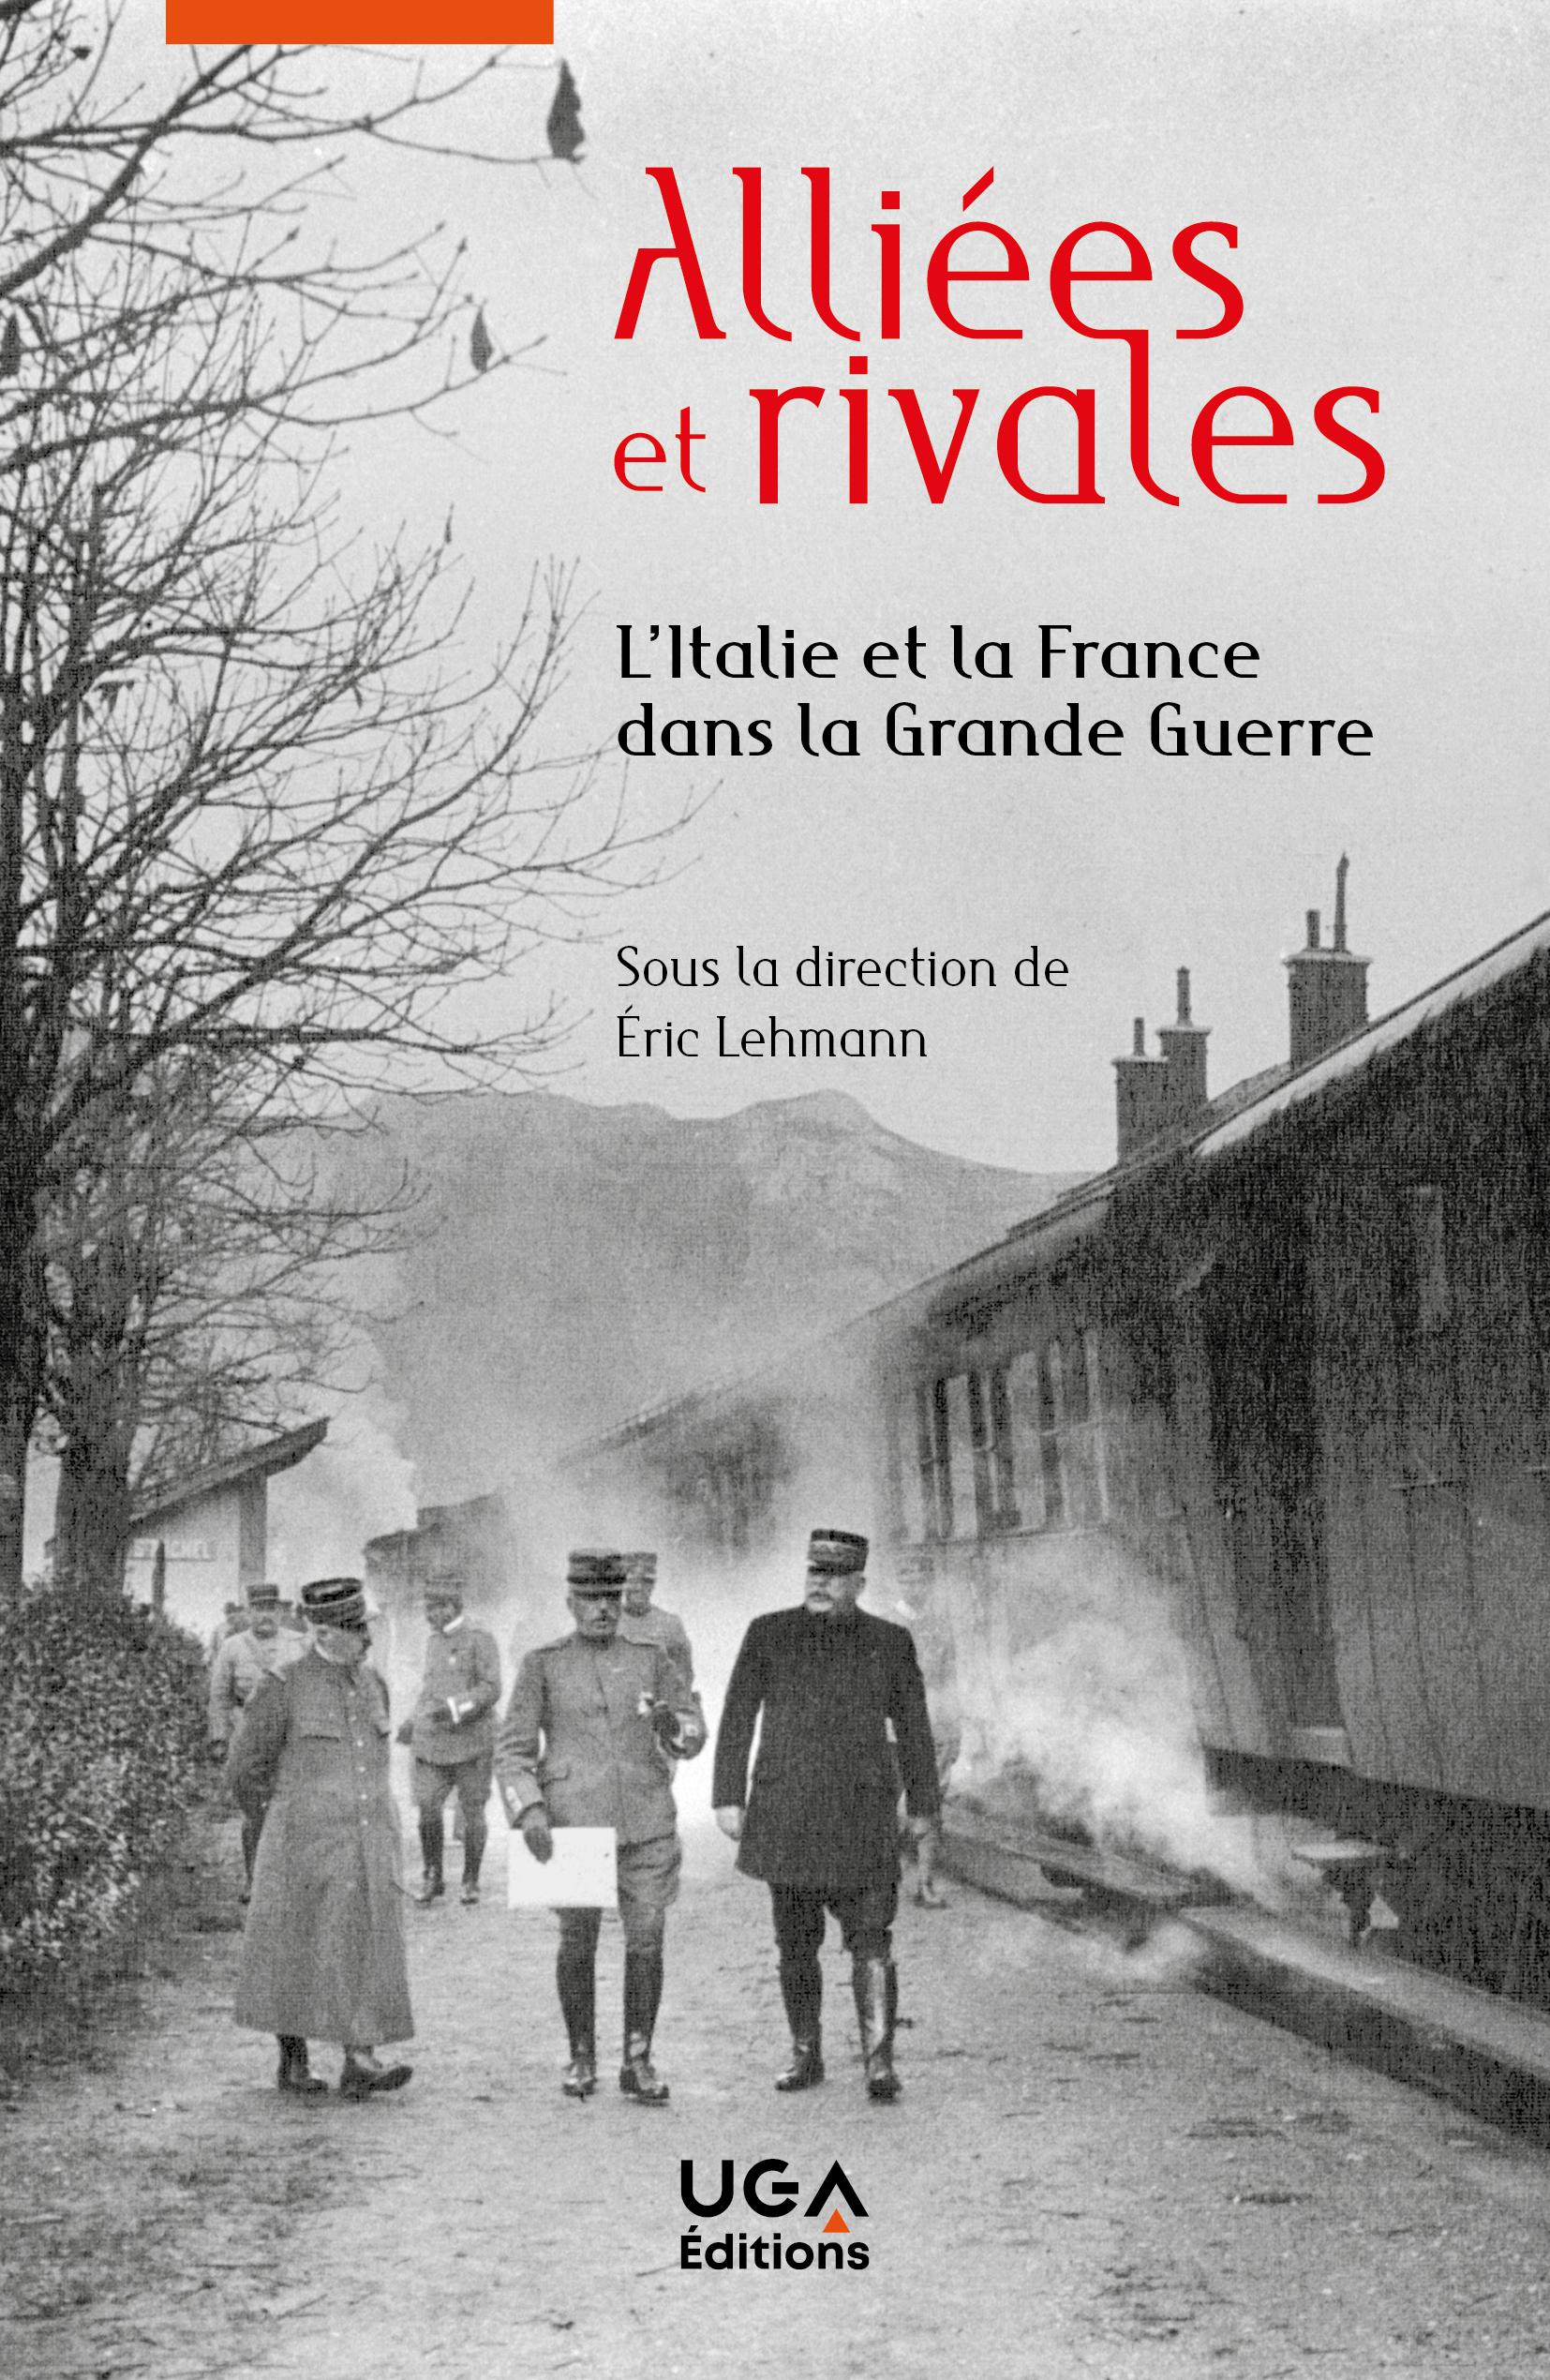 É. Lehmann (dir.) Alliées et rivales. L'Italie et la France dans la Grande Guerre